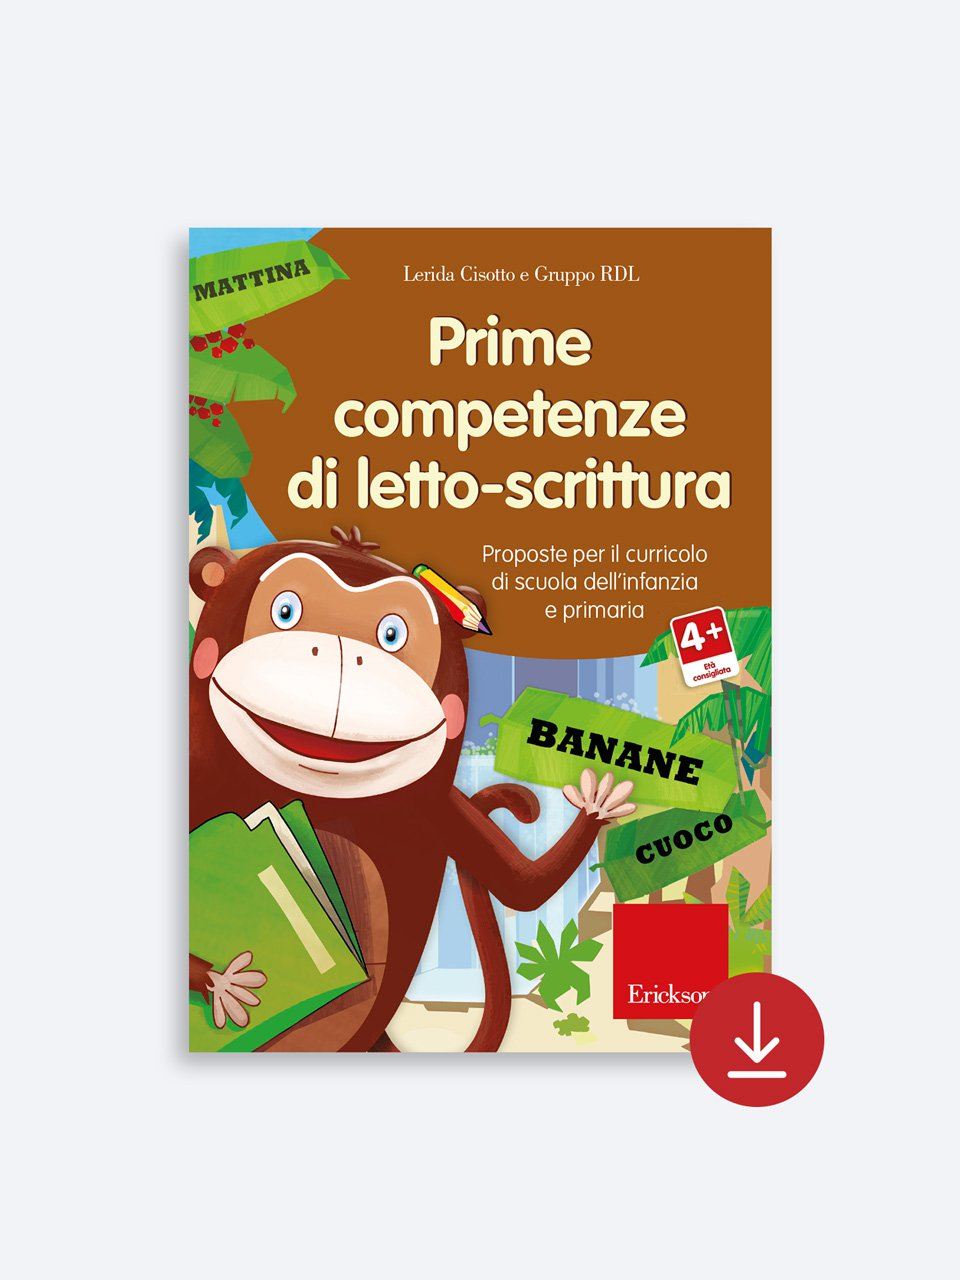 Prime competenze di letto-scrittura - Le difficoltà ortografiche - Volume 1 - Libri - App e software - Erickson